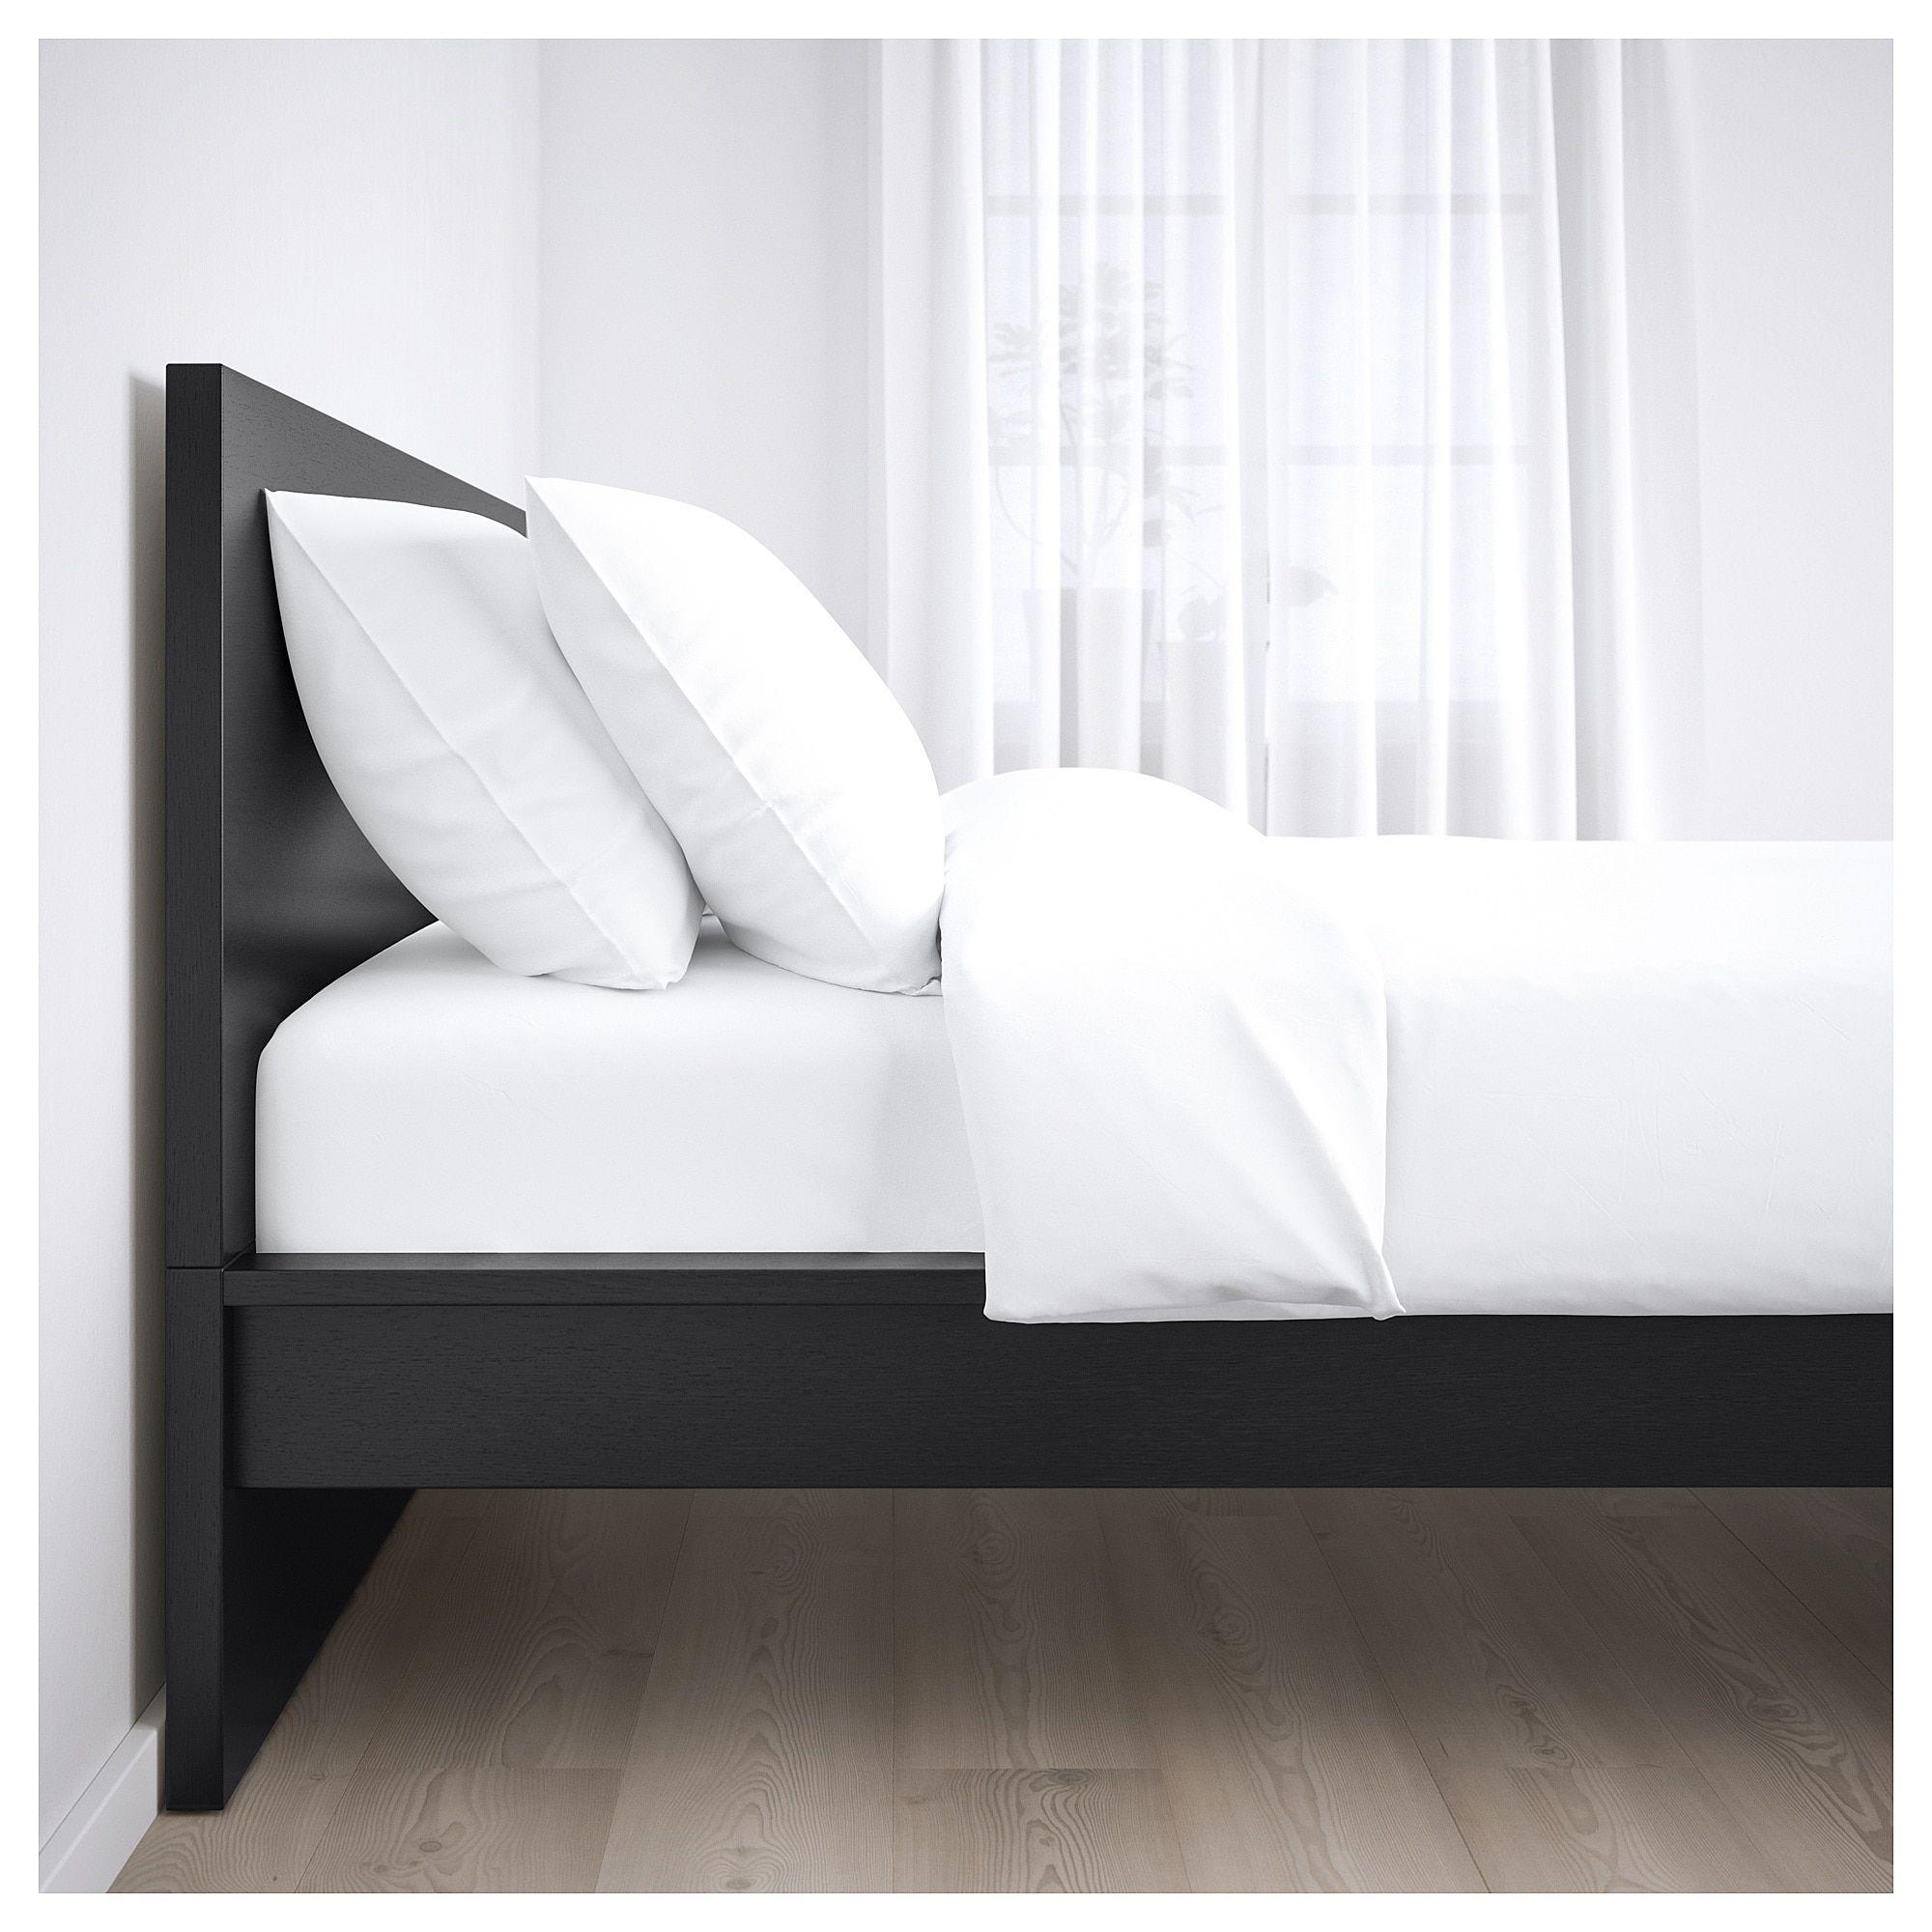 Malm Bettgestell Hoch Schwarzbraun Lonset Malm Bett Ikea Malm